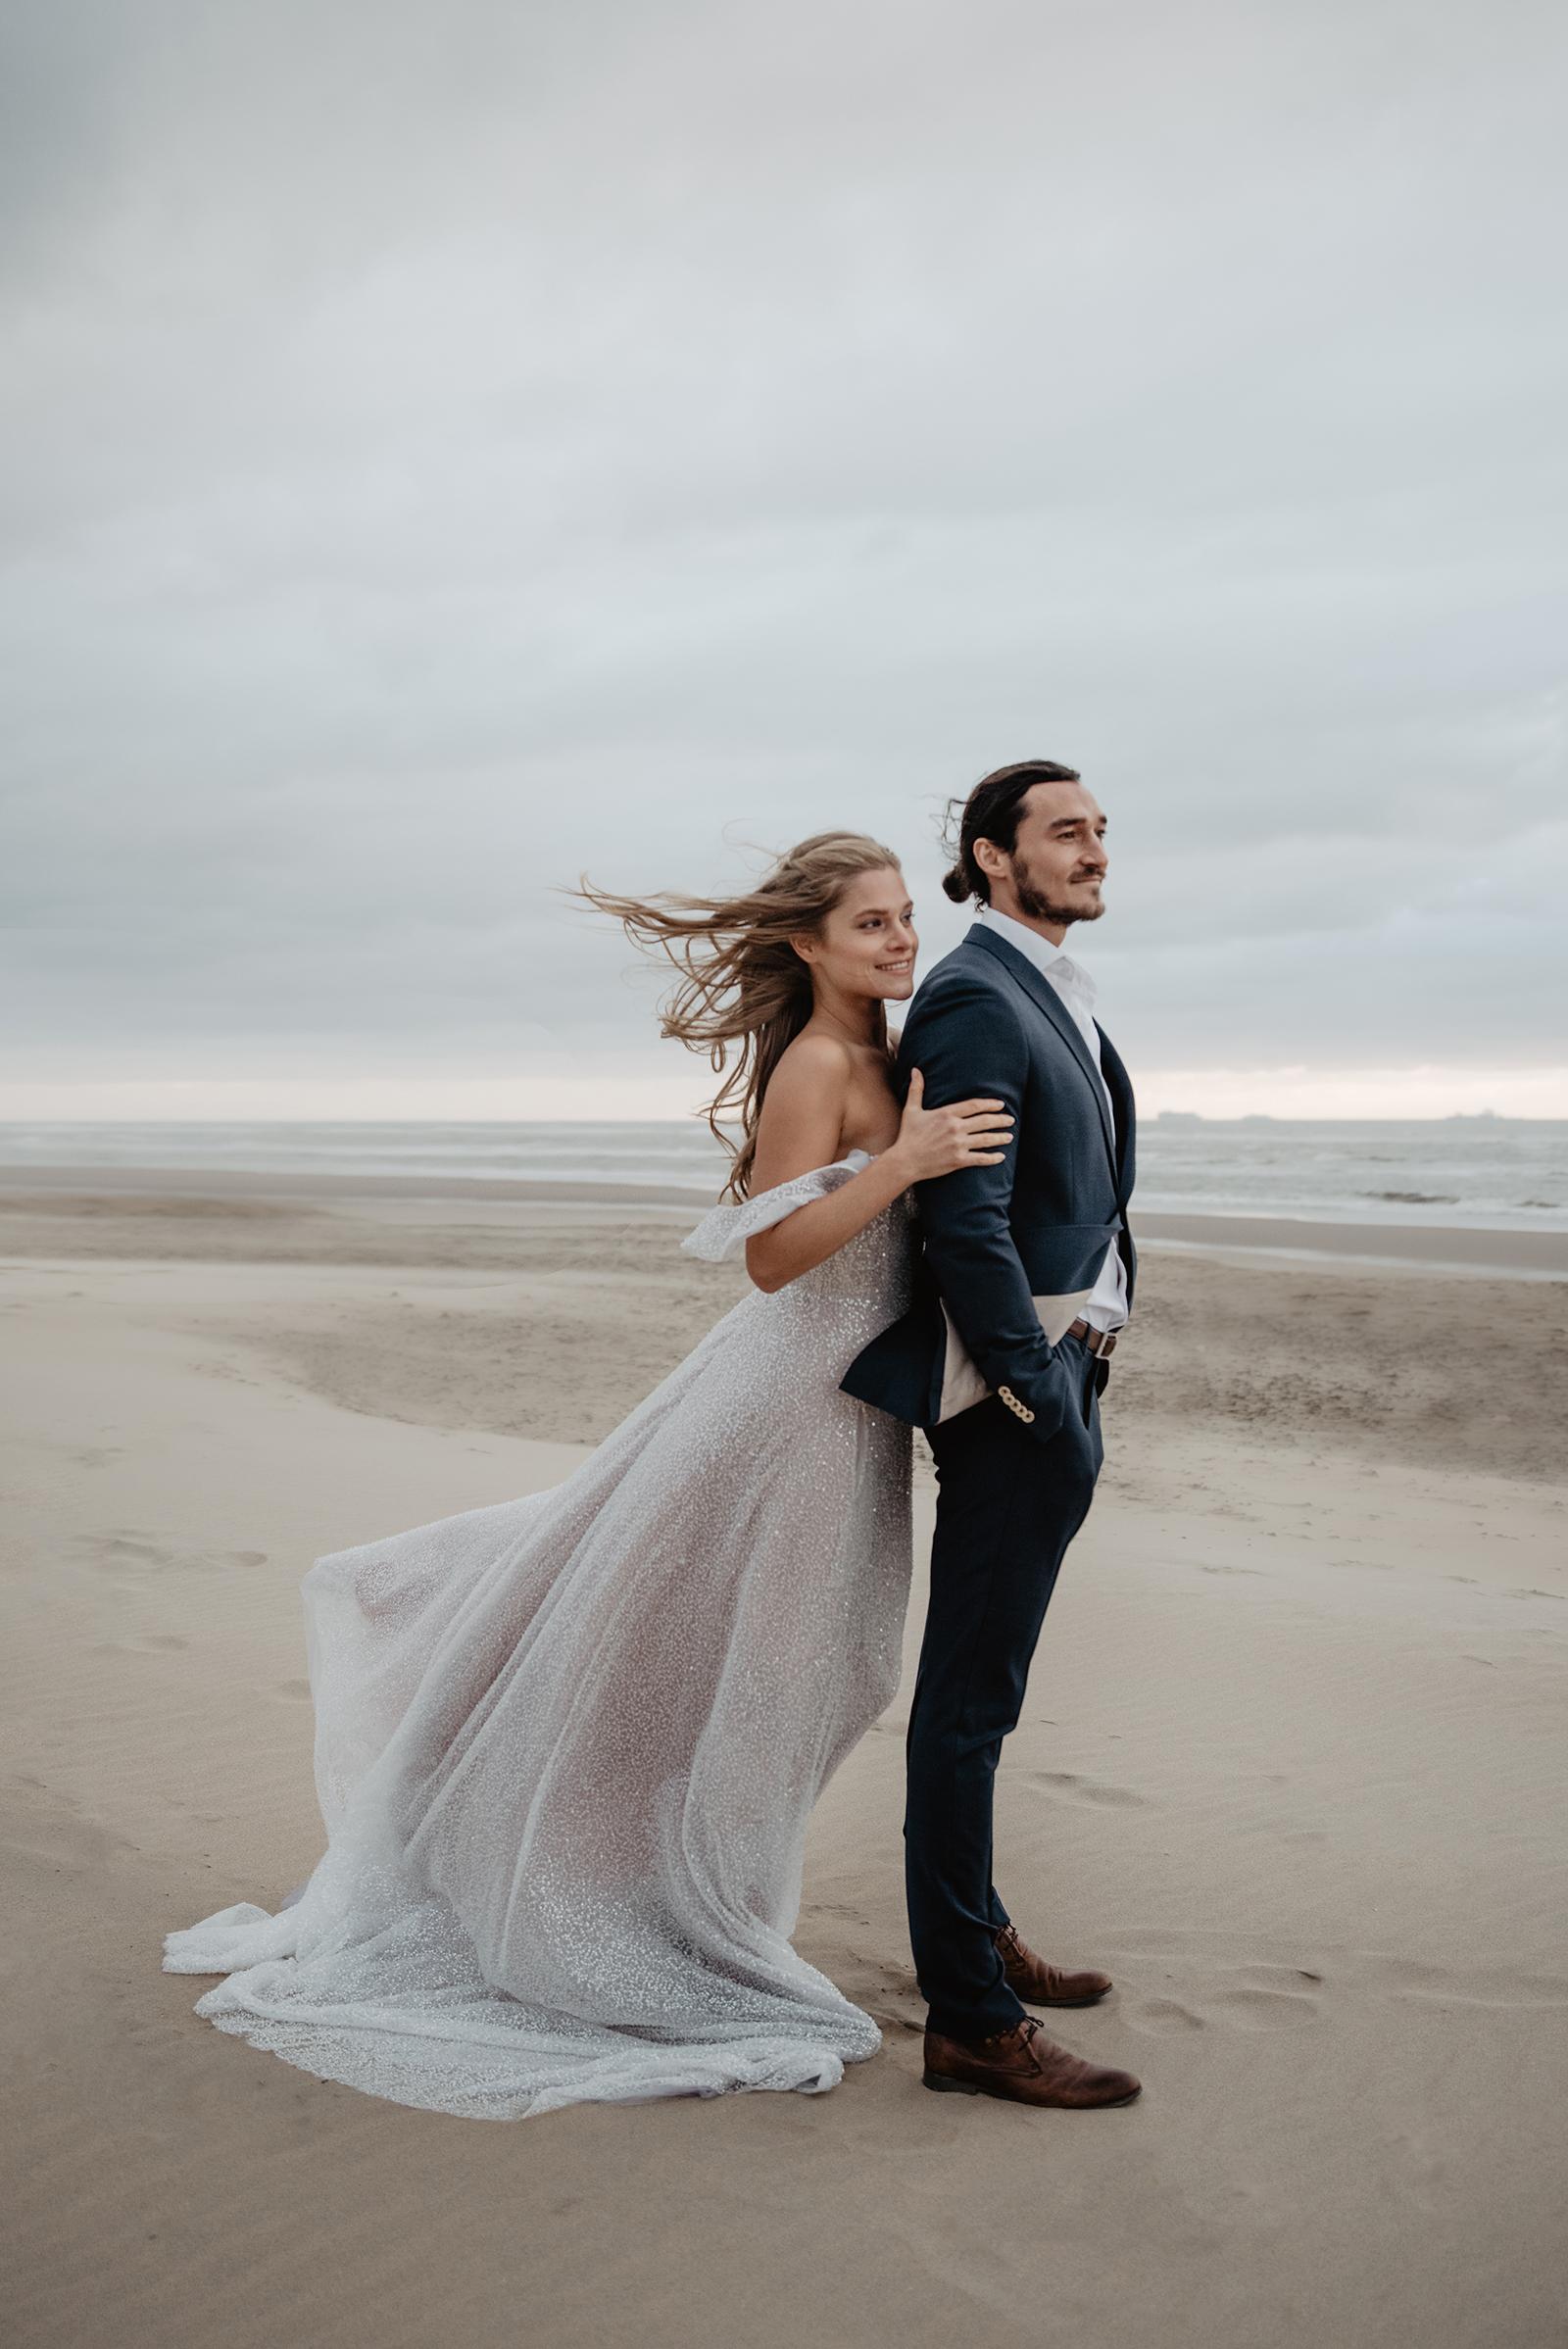 Als Hochzeitsfotografin biete ich Hochzeitsreportagen in Koeln, NRW und Europaweit an